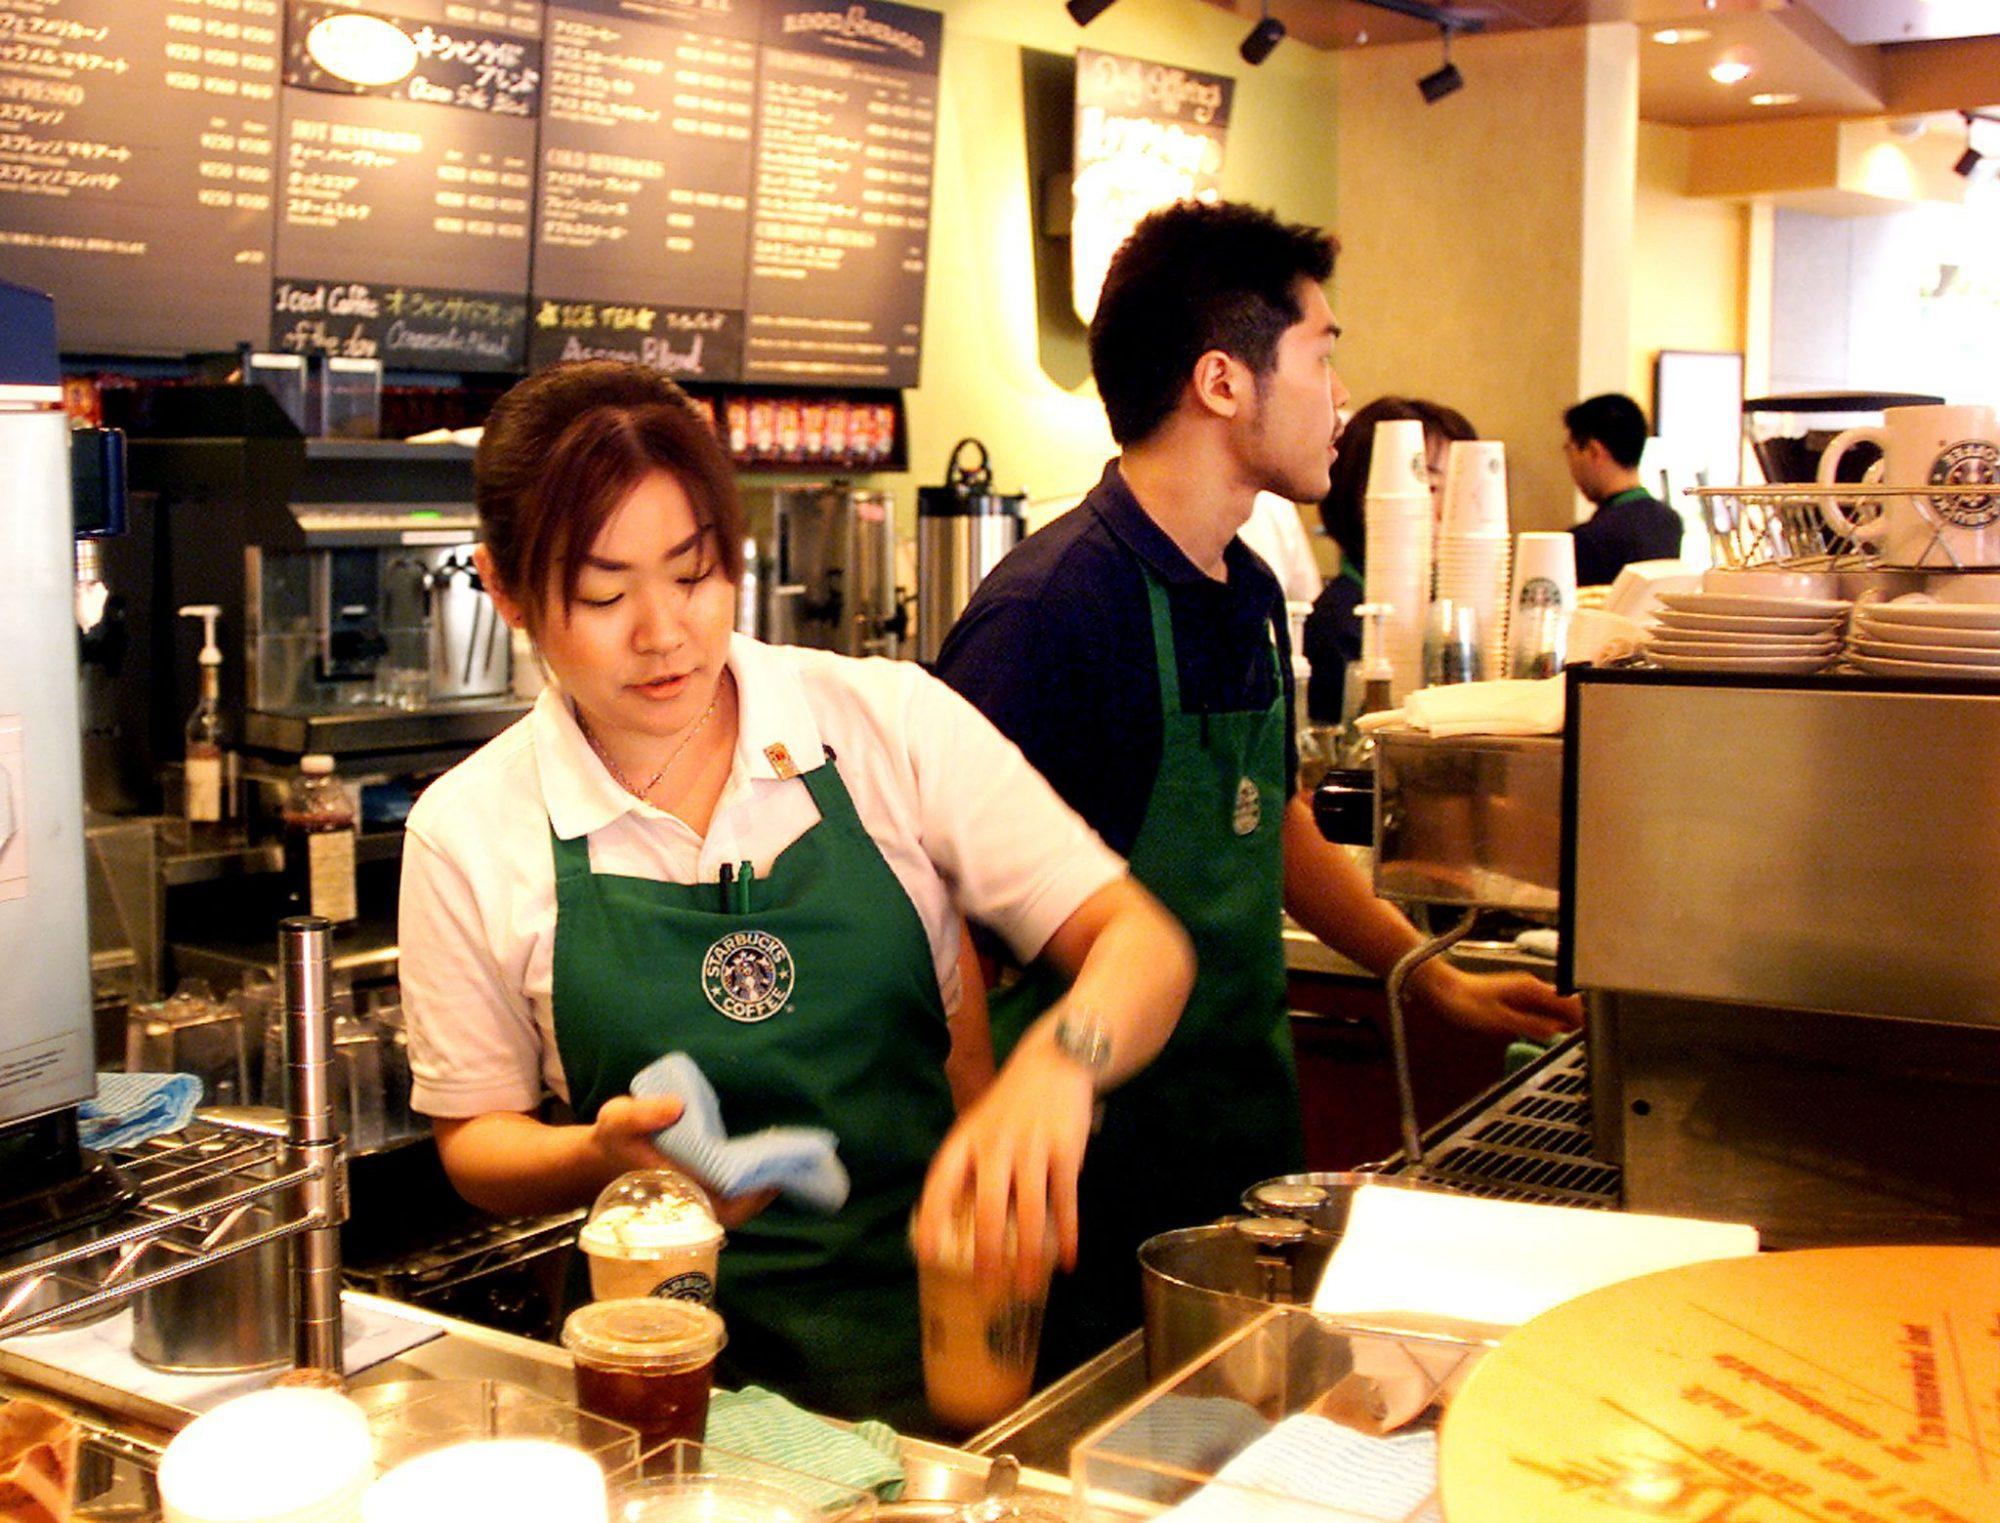 Clerks of a Starbucks Coffee store in Tokyo prepar